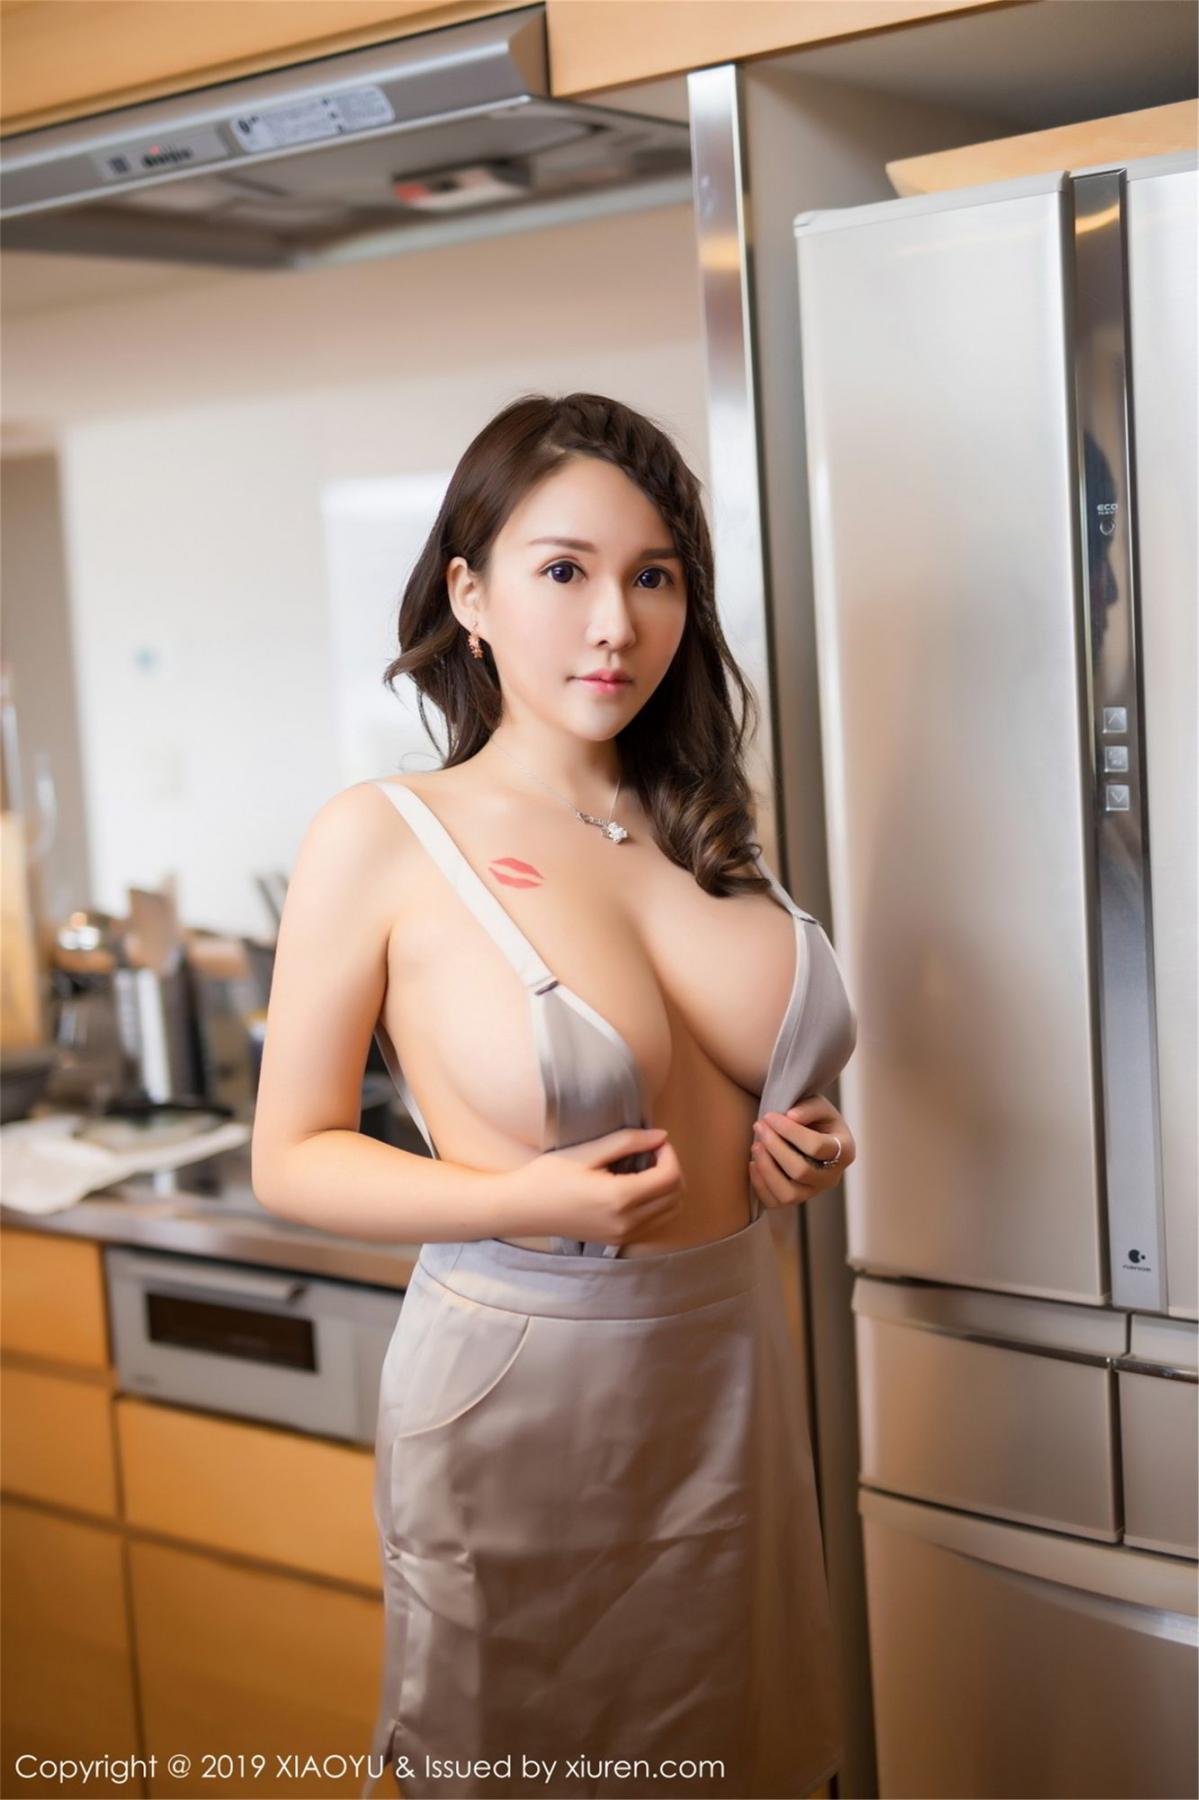 [XiaoYu] Vol.080 Shen Mi Tao 1P, Shen Mi Tao, XiaoYu